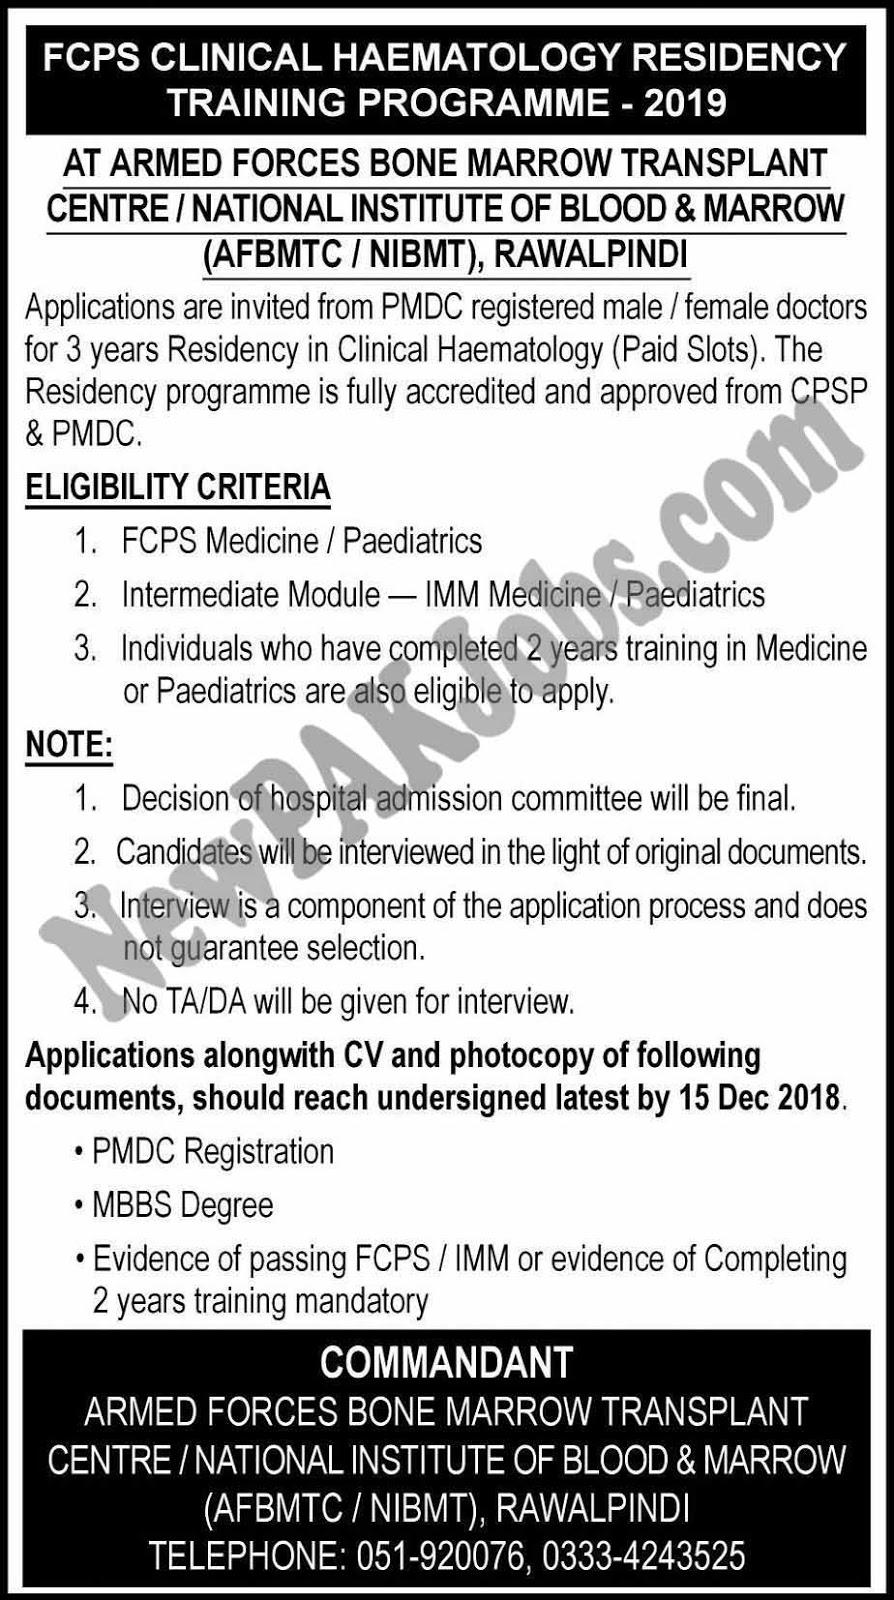 FCPS Clinical Haematology Residency Training Program 2019 newpakjobs.com